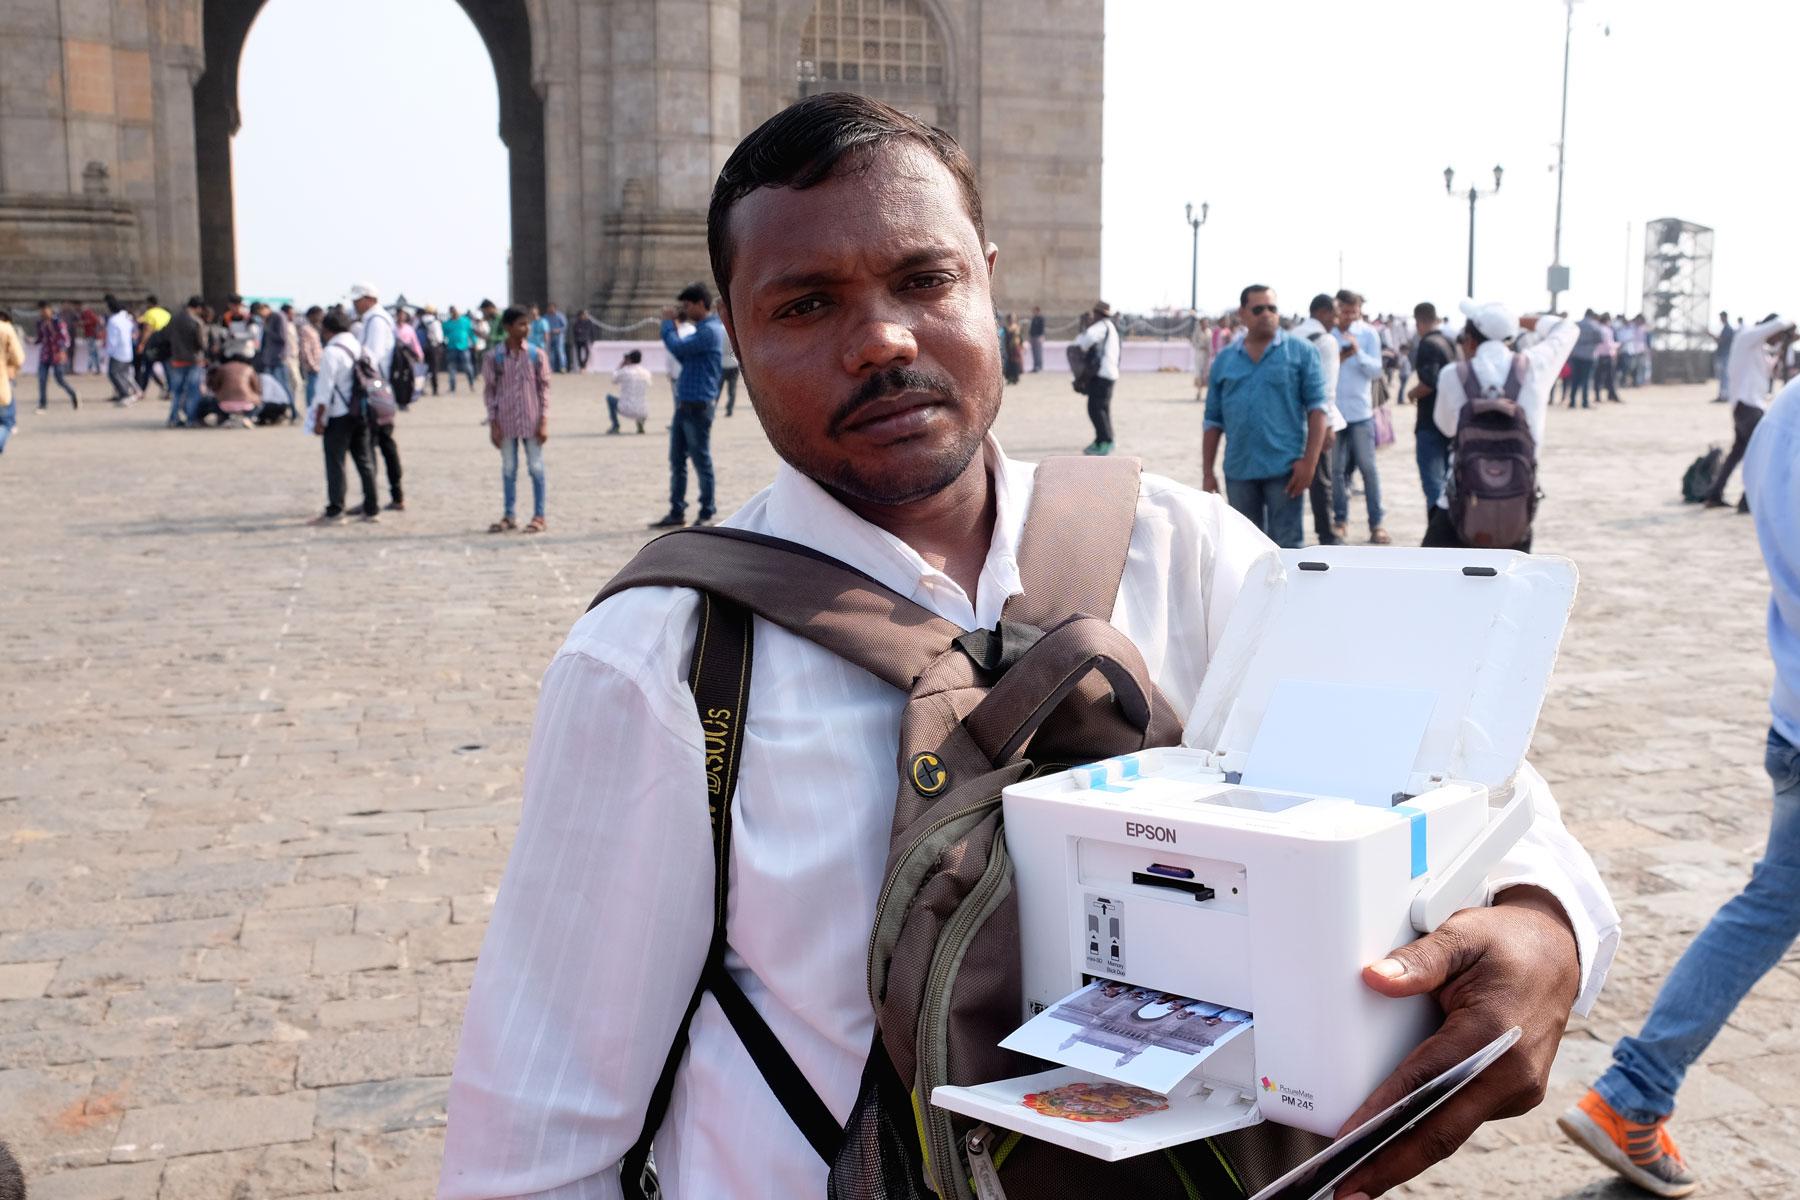 Ein indischer Mann in Mumbai mit einem tragbaren Drucker für Papierbilder.